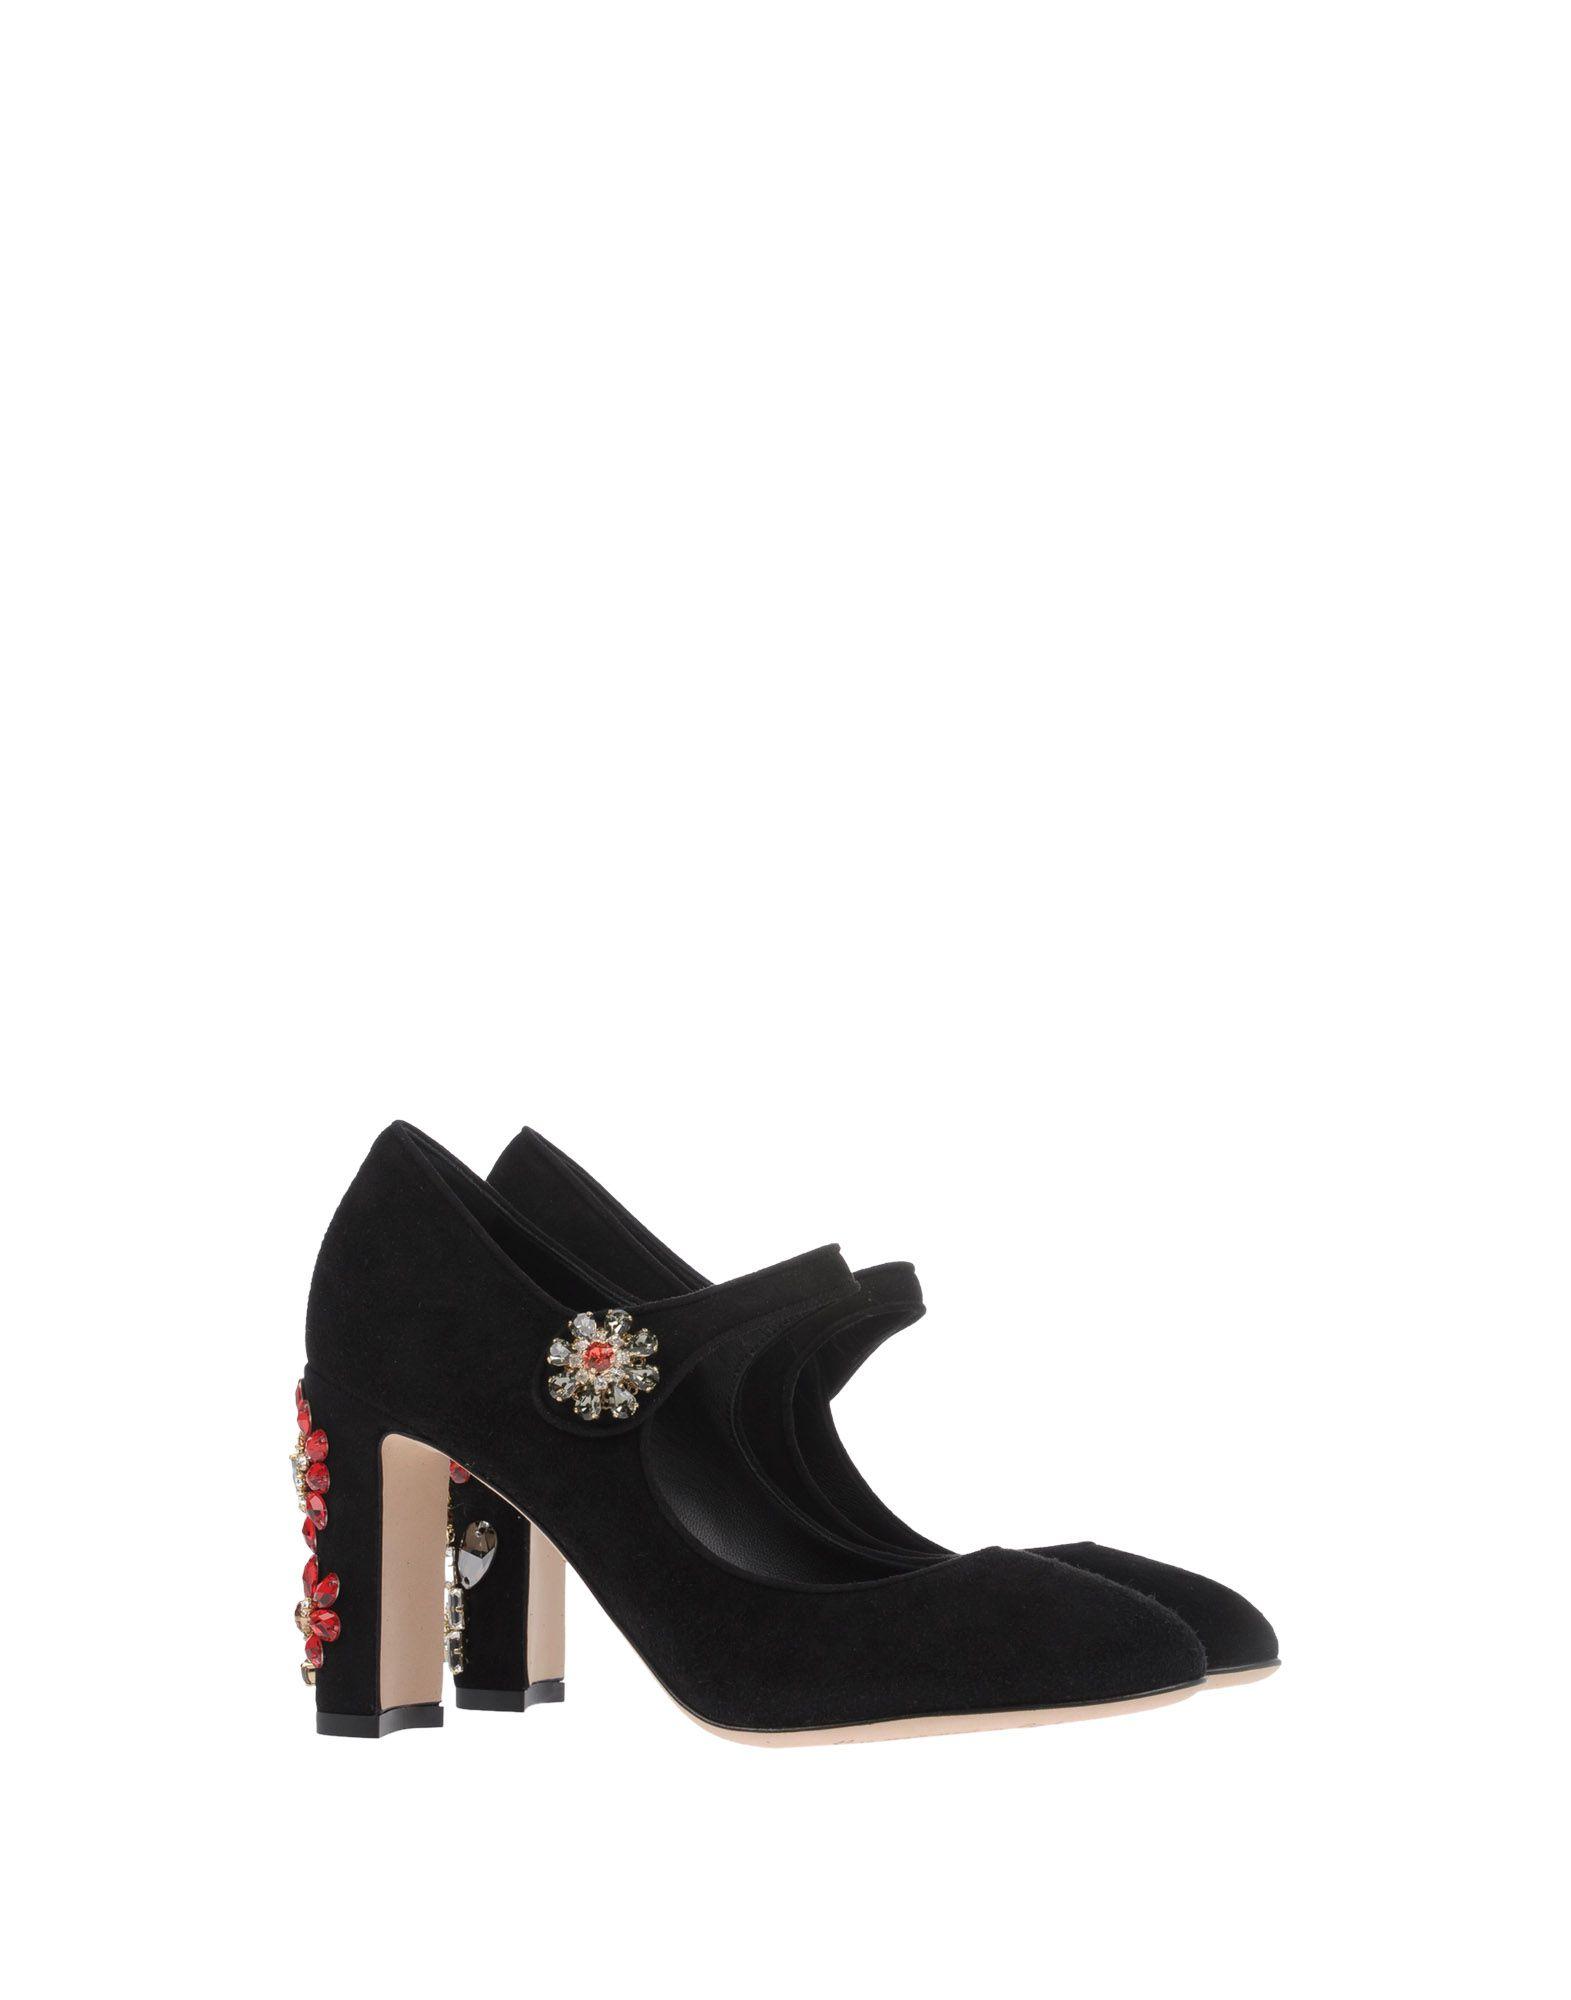 Dolce & 11217984XGGünstige Gabbana Pumps Damen  11217984XGGünstige & gut aussehende Schuhe 789281